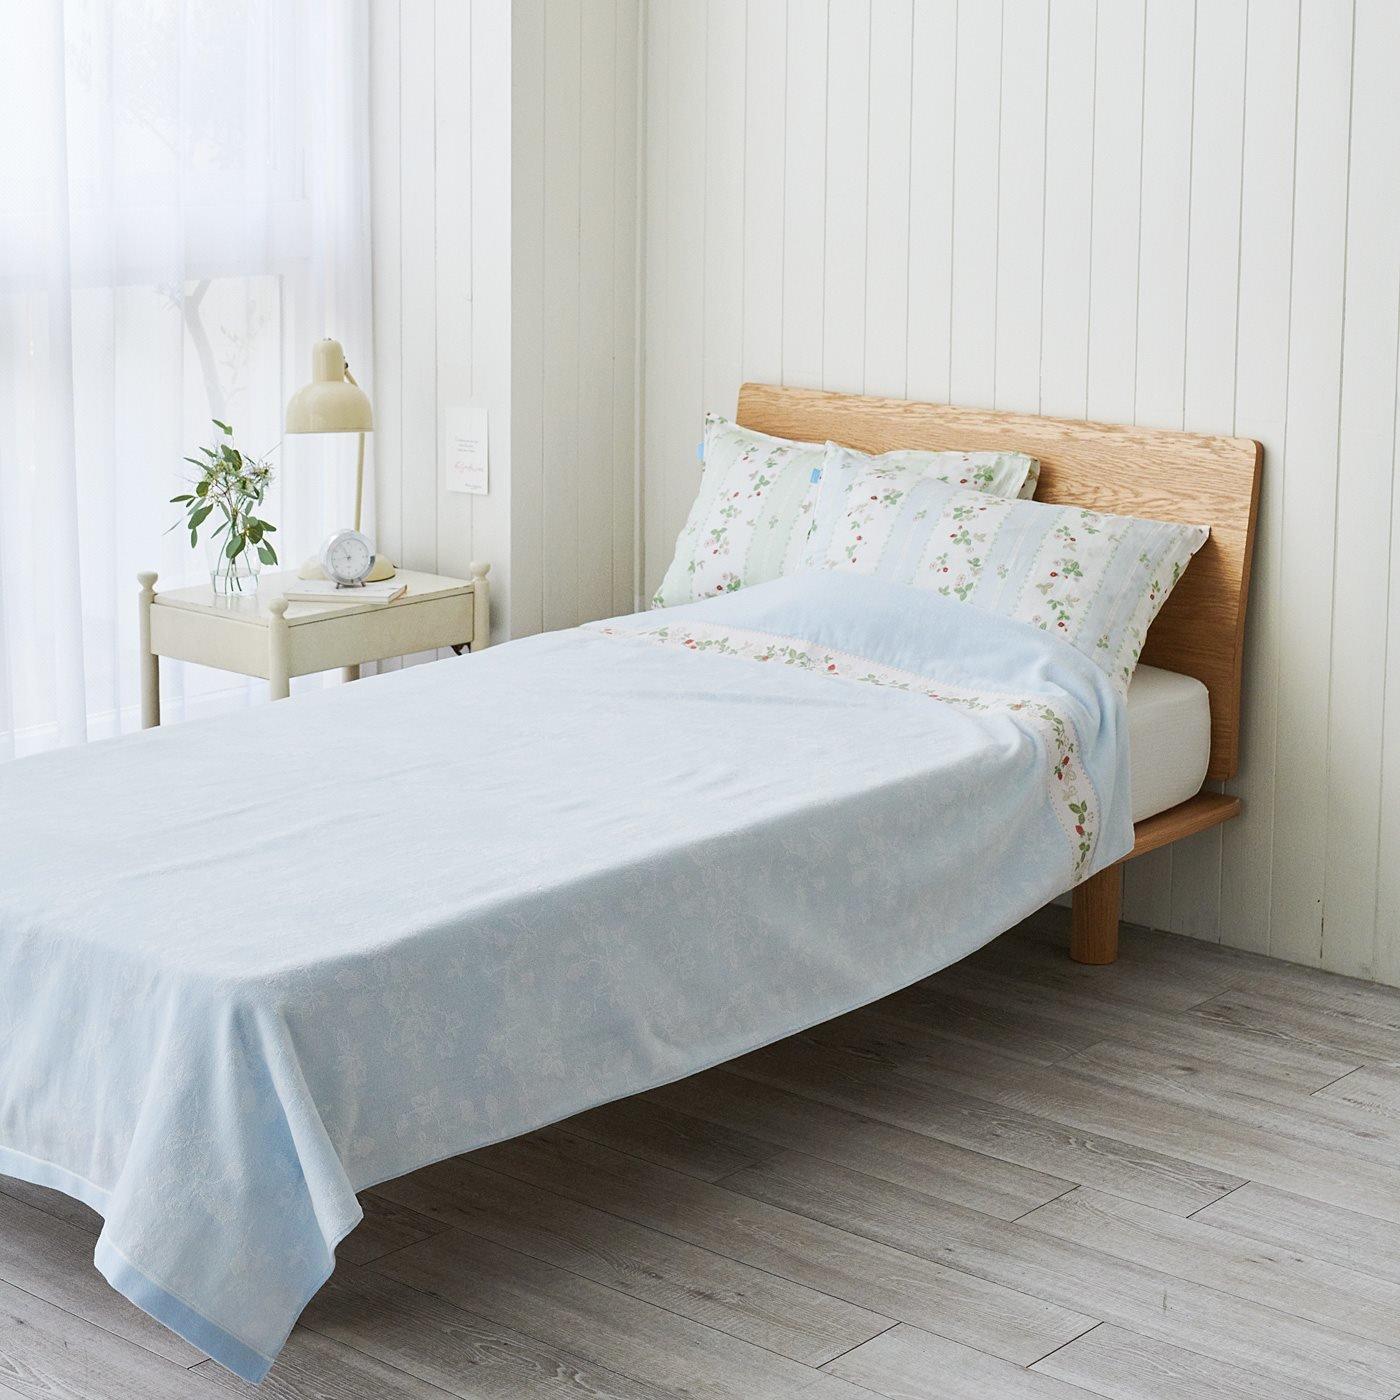 ウェッジウッド 英国人が愛したいちごのデザインで眠る ジャカード織りタオルケット ワイルド ストロベリー〈シングル〉